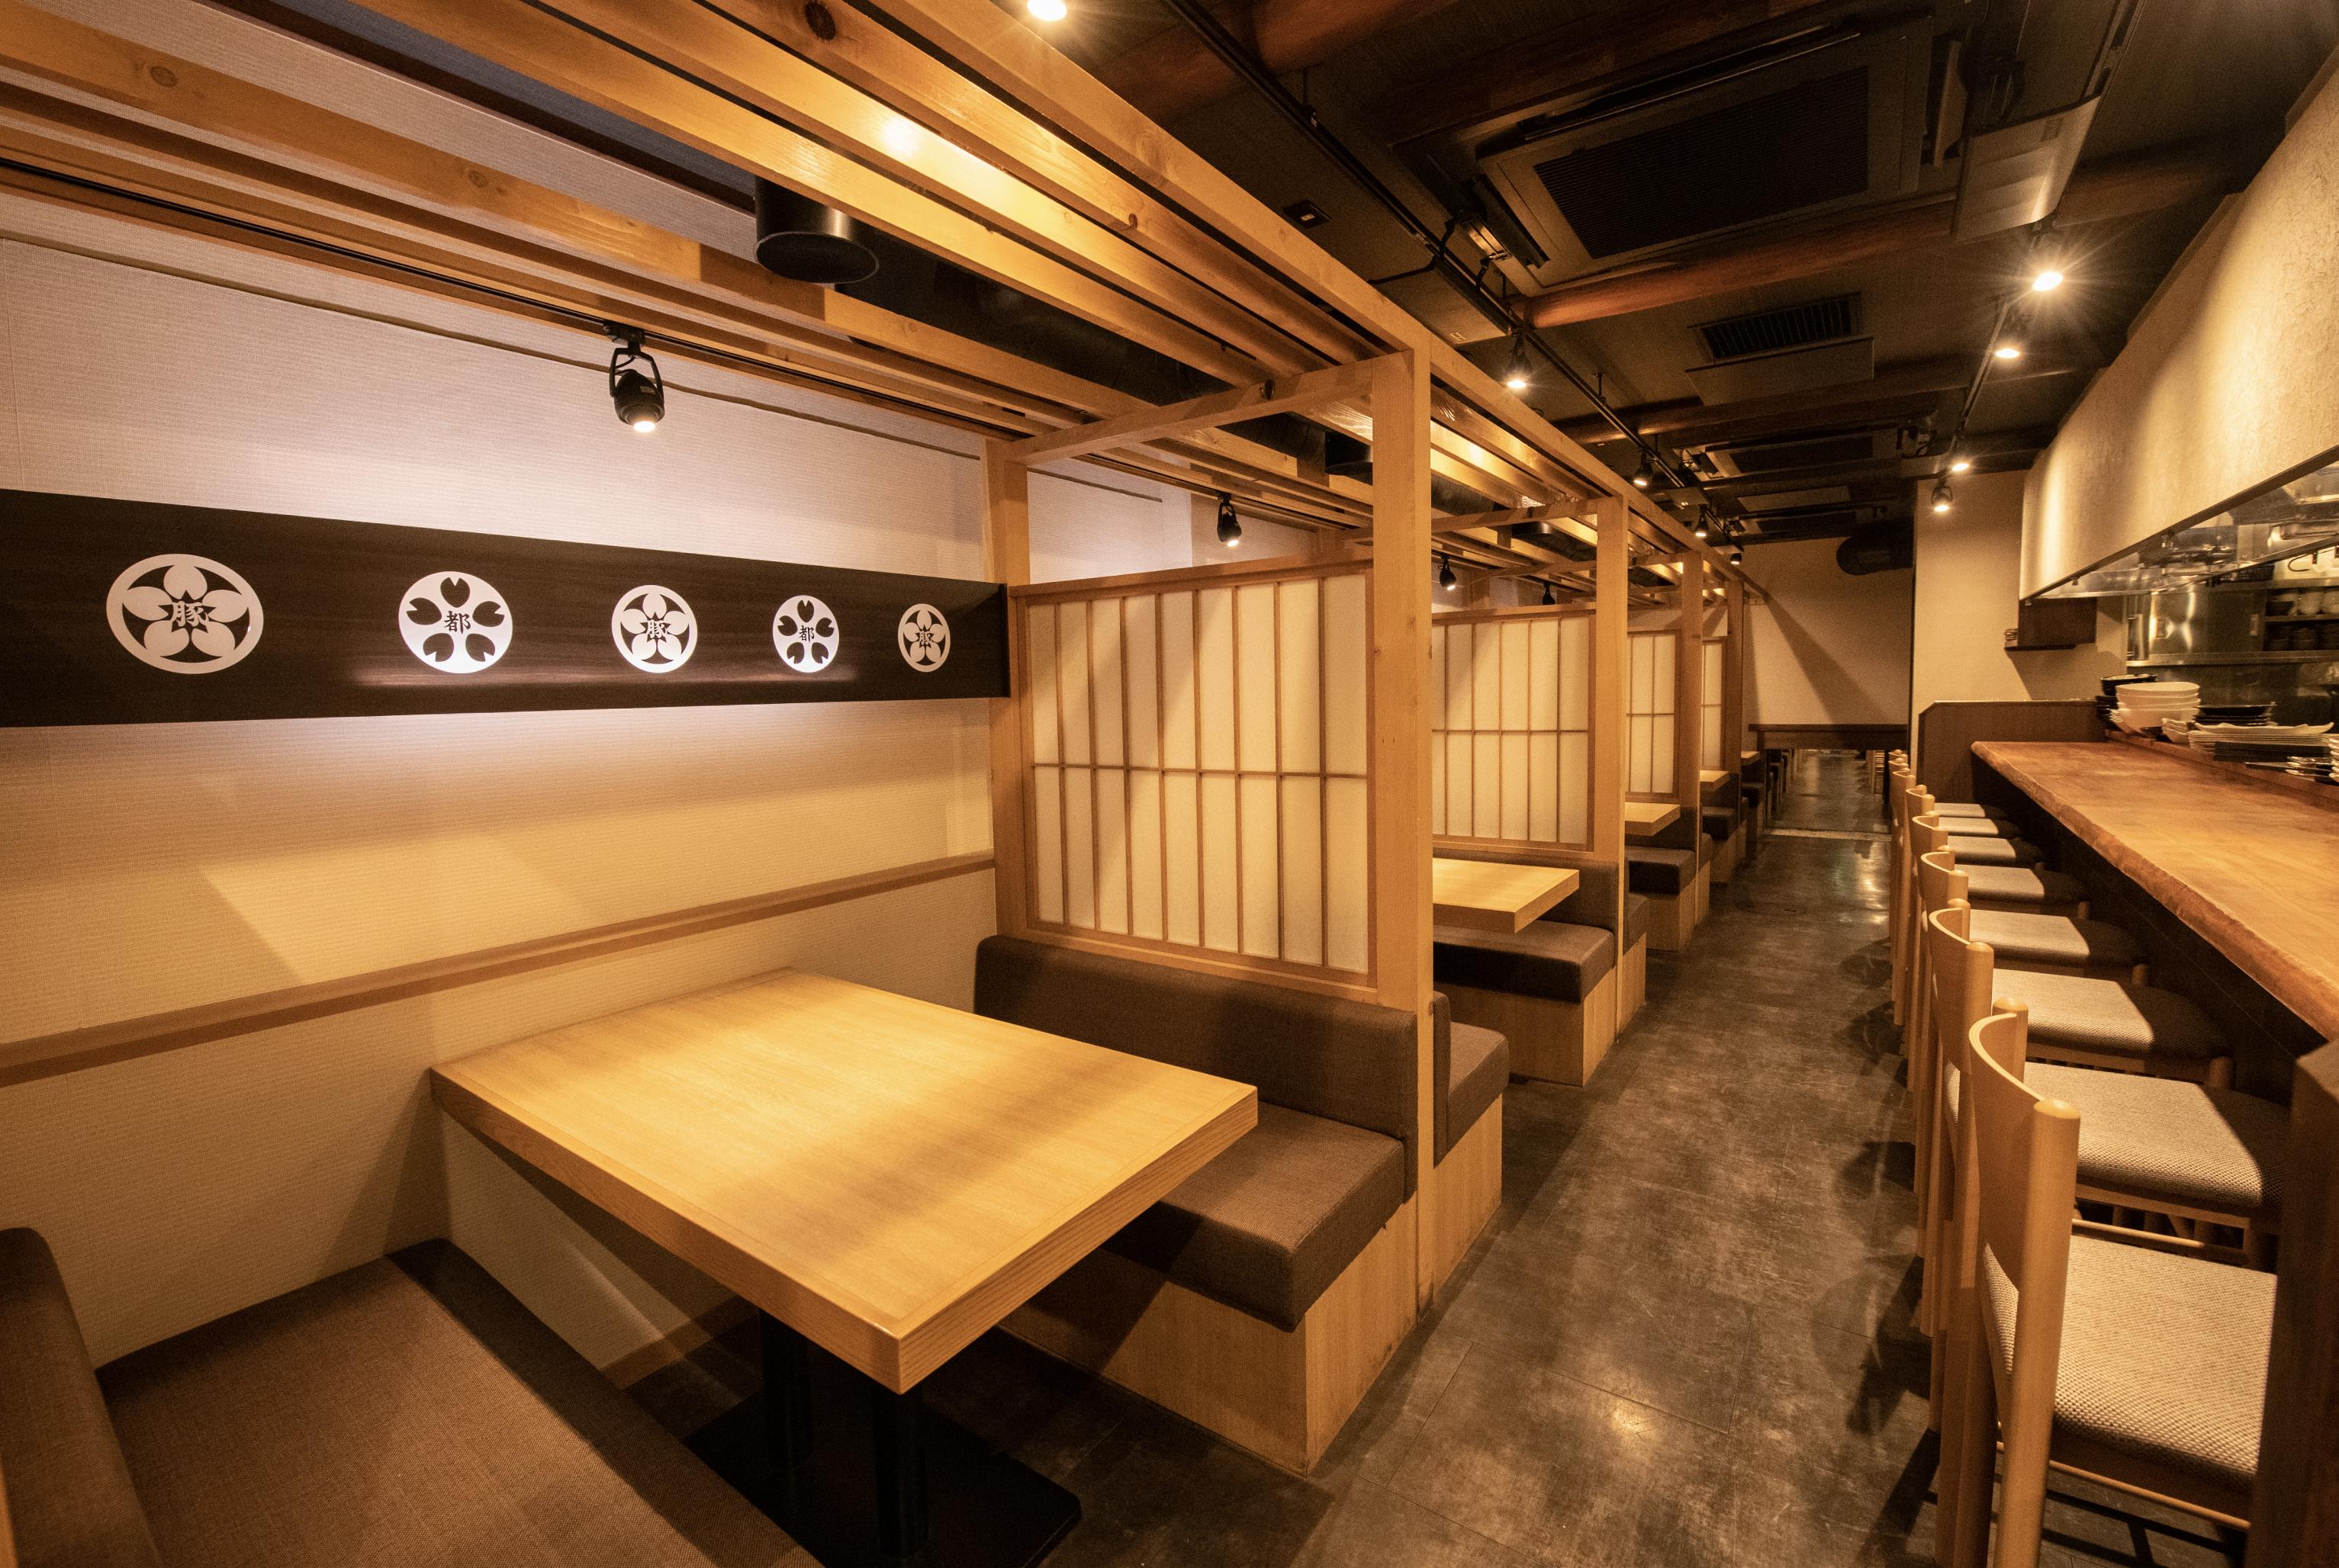 名古屋大須 豚都 店舗デザインプロデュース